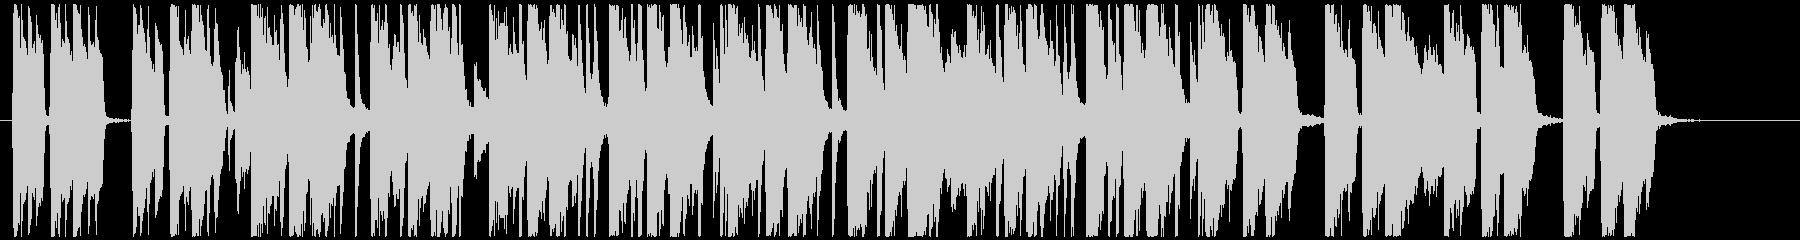 汎用性の高い短いオシャレポップの未再生の波形